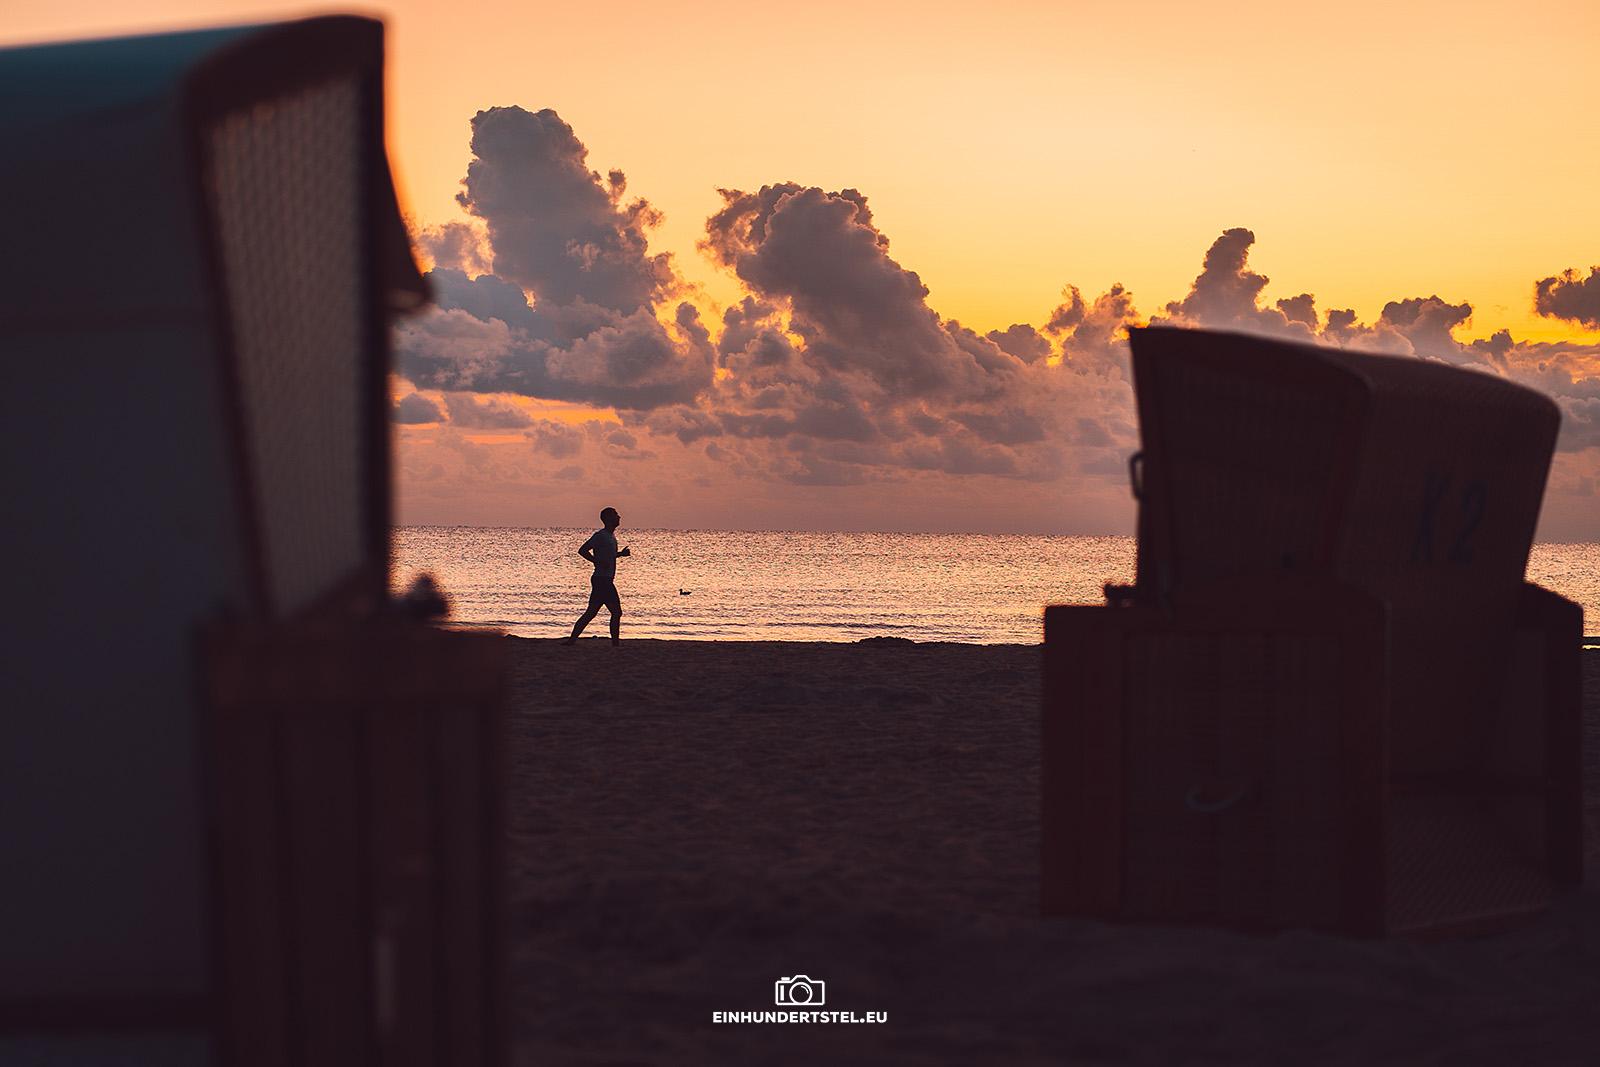 Jogger bei Sonnenaufgang am Strand von Karlshagen fotografiert durch zwei Strandkörbe. Im Hintergrund Wolken.